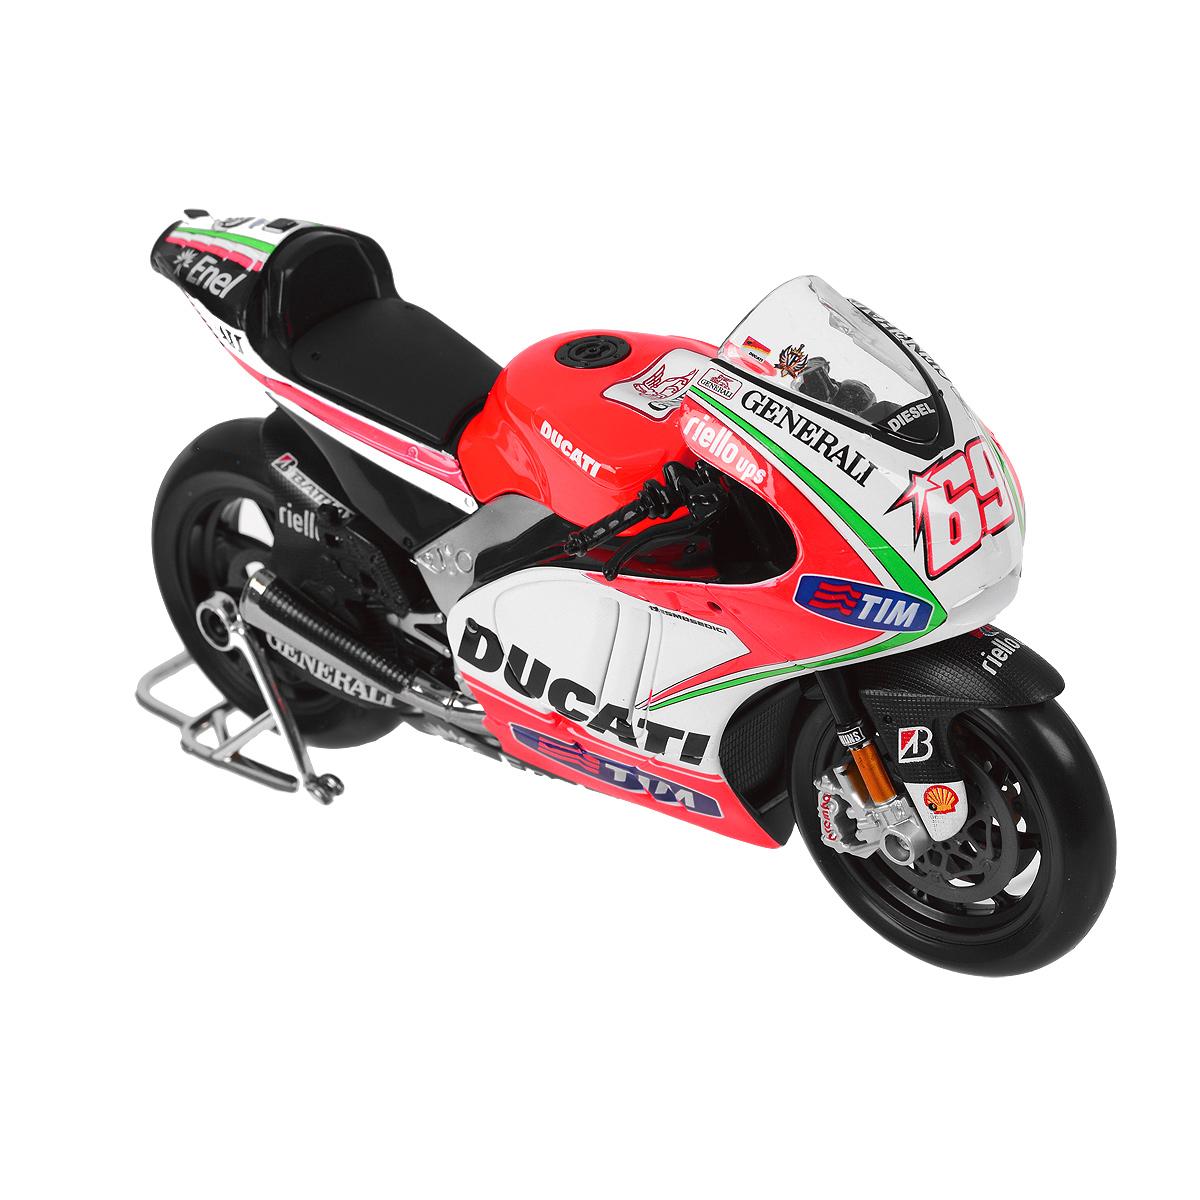 """Коллекционная модель """"Ducati Demosedici 2012"""" - миниатюрная копия настоящего мотоцикла. Стильная модель мотоцикла привлечет к себе внимание не только детей, но и взрослых. Модель имеет литой металлический корпус с высокой детализацией, оснащена колесами из мягкой резины. Игрушка в точности повторяет модель оригинальной техники, подробная детализация в полной мере позволит вам оценить высокую точность копии этого мотоцикла! Такая модель станет отличным подарком не только любителю мототехники, но и человеку, ценящему оригинальность и изысканность, а качество исполнения представит такой подарок в самом лучшем свете."""